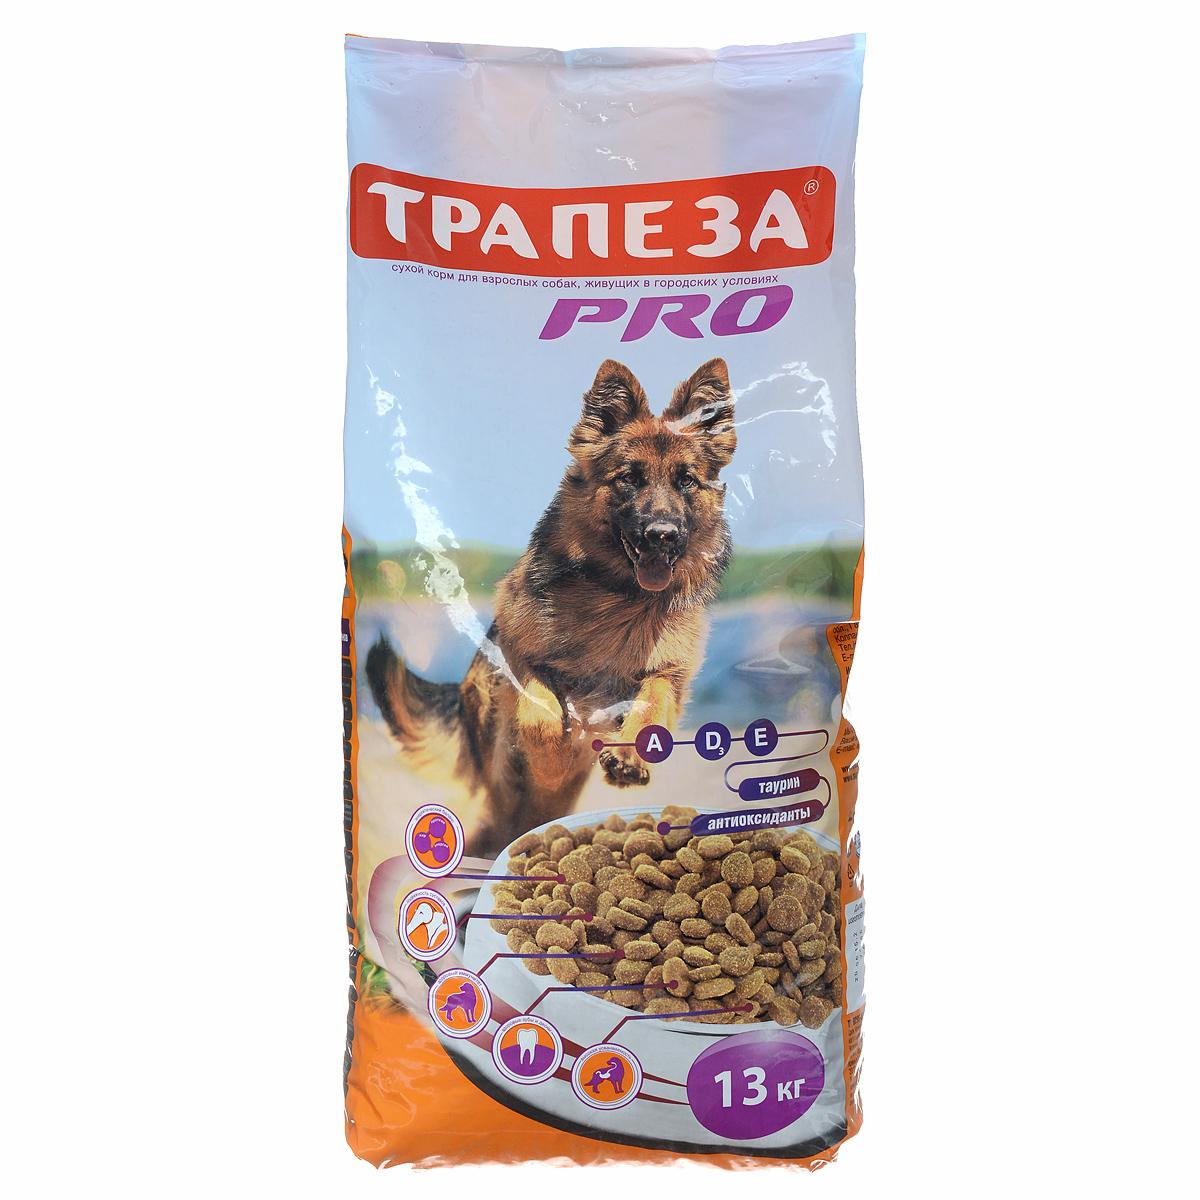 Корм сухой Трапеза Pro для собак с повышенной активностью, 13 кг59889Корм Трапеза Pro - полноценный, сбалансированный сухой корм для взрослых собак, произведенный из сырья высокого качества. Состав корма специально разработан для кормления рабочих и служебных собак, а также собак с повышенным уровнем повседневной активности. Правильный уровень витаминов группы B благотворно влияют на кожу и шерсть животного, а оптимальное соотношение витаминов Е и С помогает укреплению иммунной системы. Благодаря содержащимся в корме белкам и жирам животного происхождения, собака получает все необходимые для полноценной здоровой жизни питательные вещества, которые максимально усваиваются и поддерживают вашу собаку в отличной форме. Кроме того, в корме Трапеза Pro содержится таурин, незаменимый для поддержания зрения и работы сердечно-сосудистой системы и, благодаря своим антиоксидантным свойствам, оказывает стабилизирующее действие на мембраны нервных клеток. Корм Трапеза Pro снижает риск возникновения аллергических реакций у...